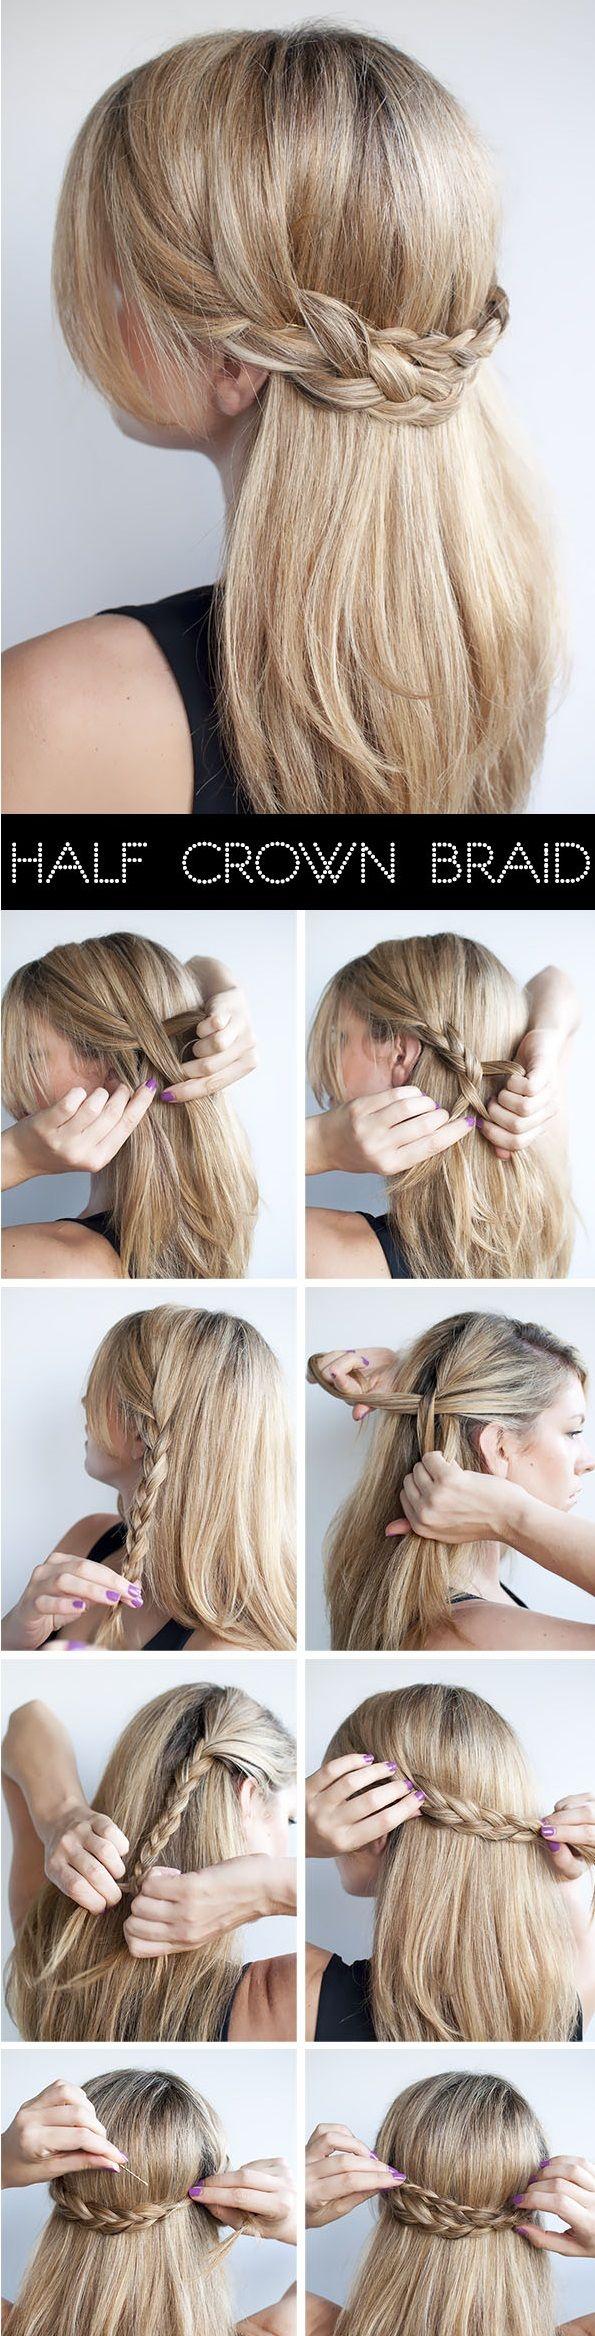 Half crown braid tutorial